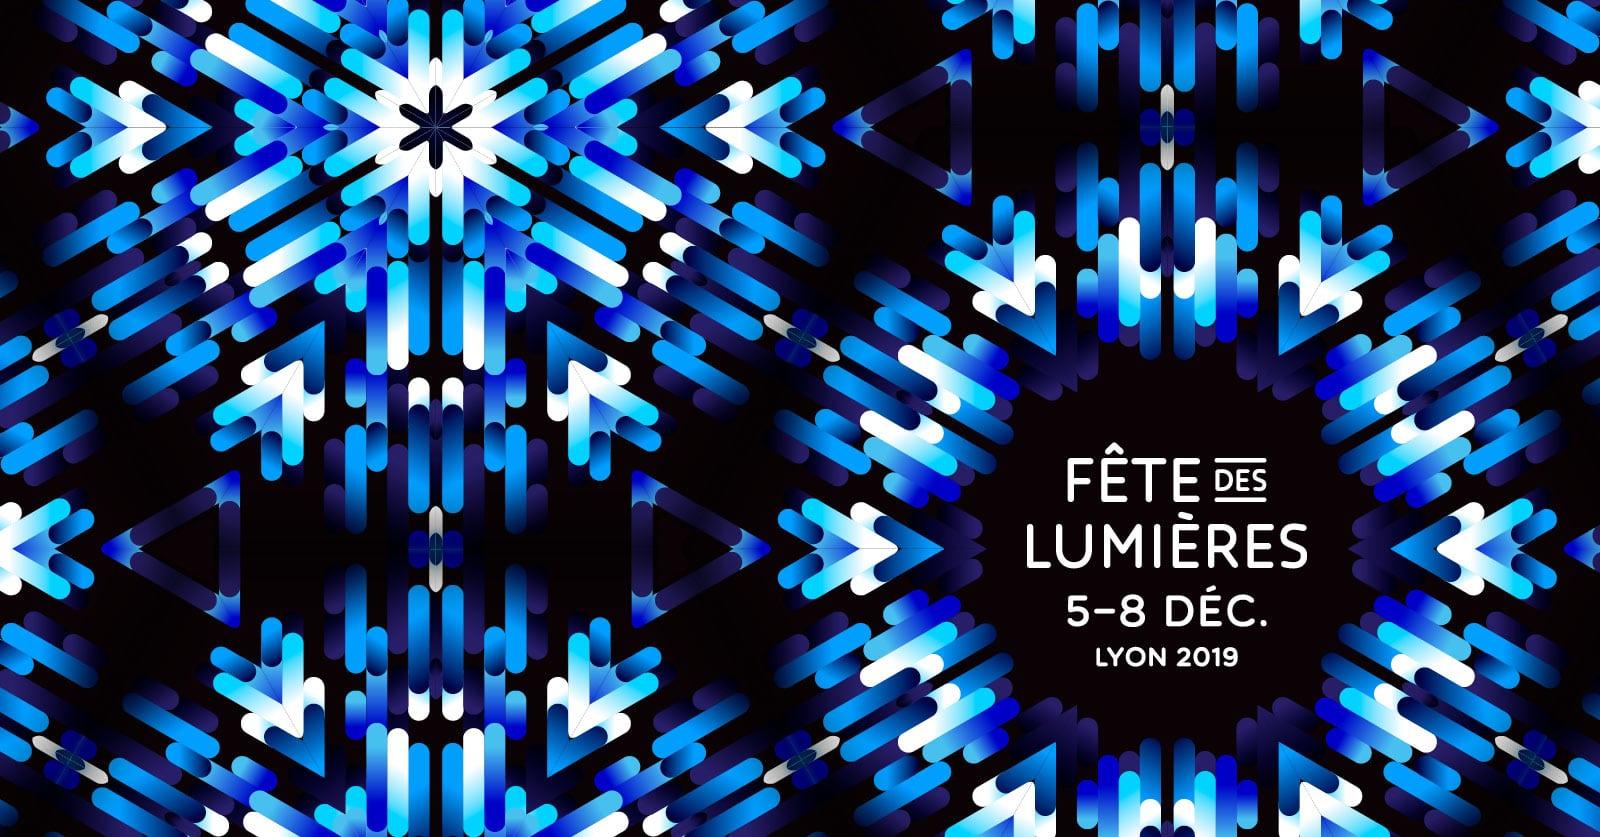 fête des lumières 2019 - Lyon